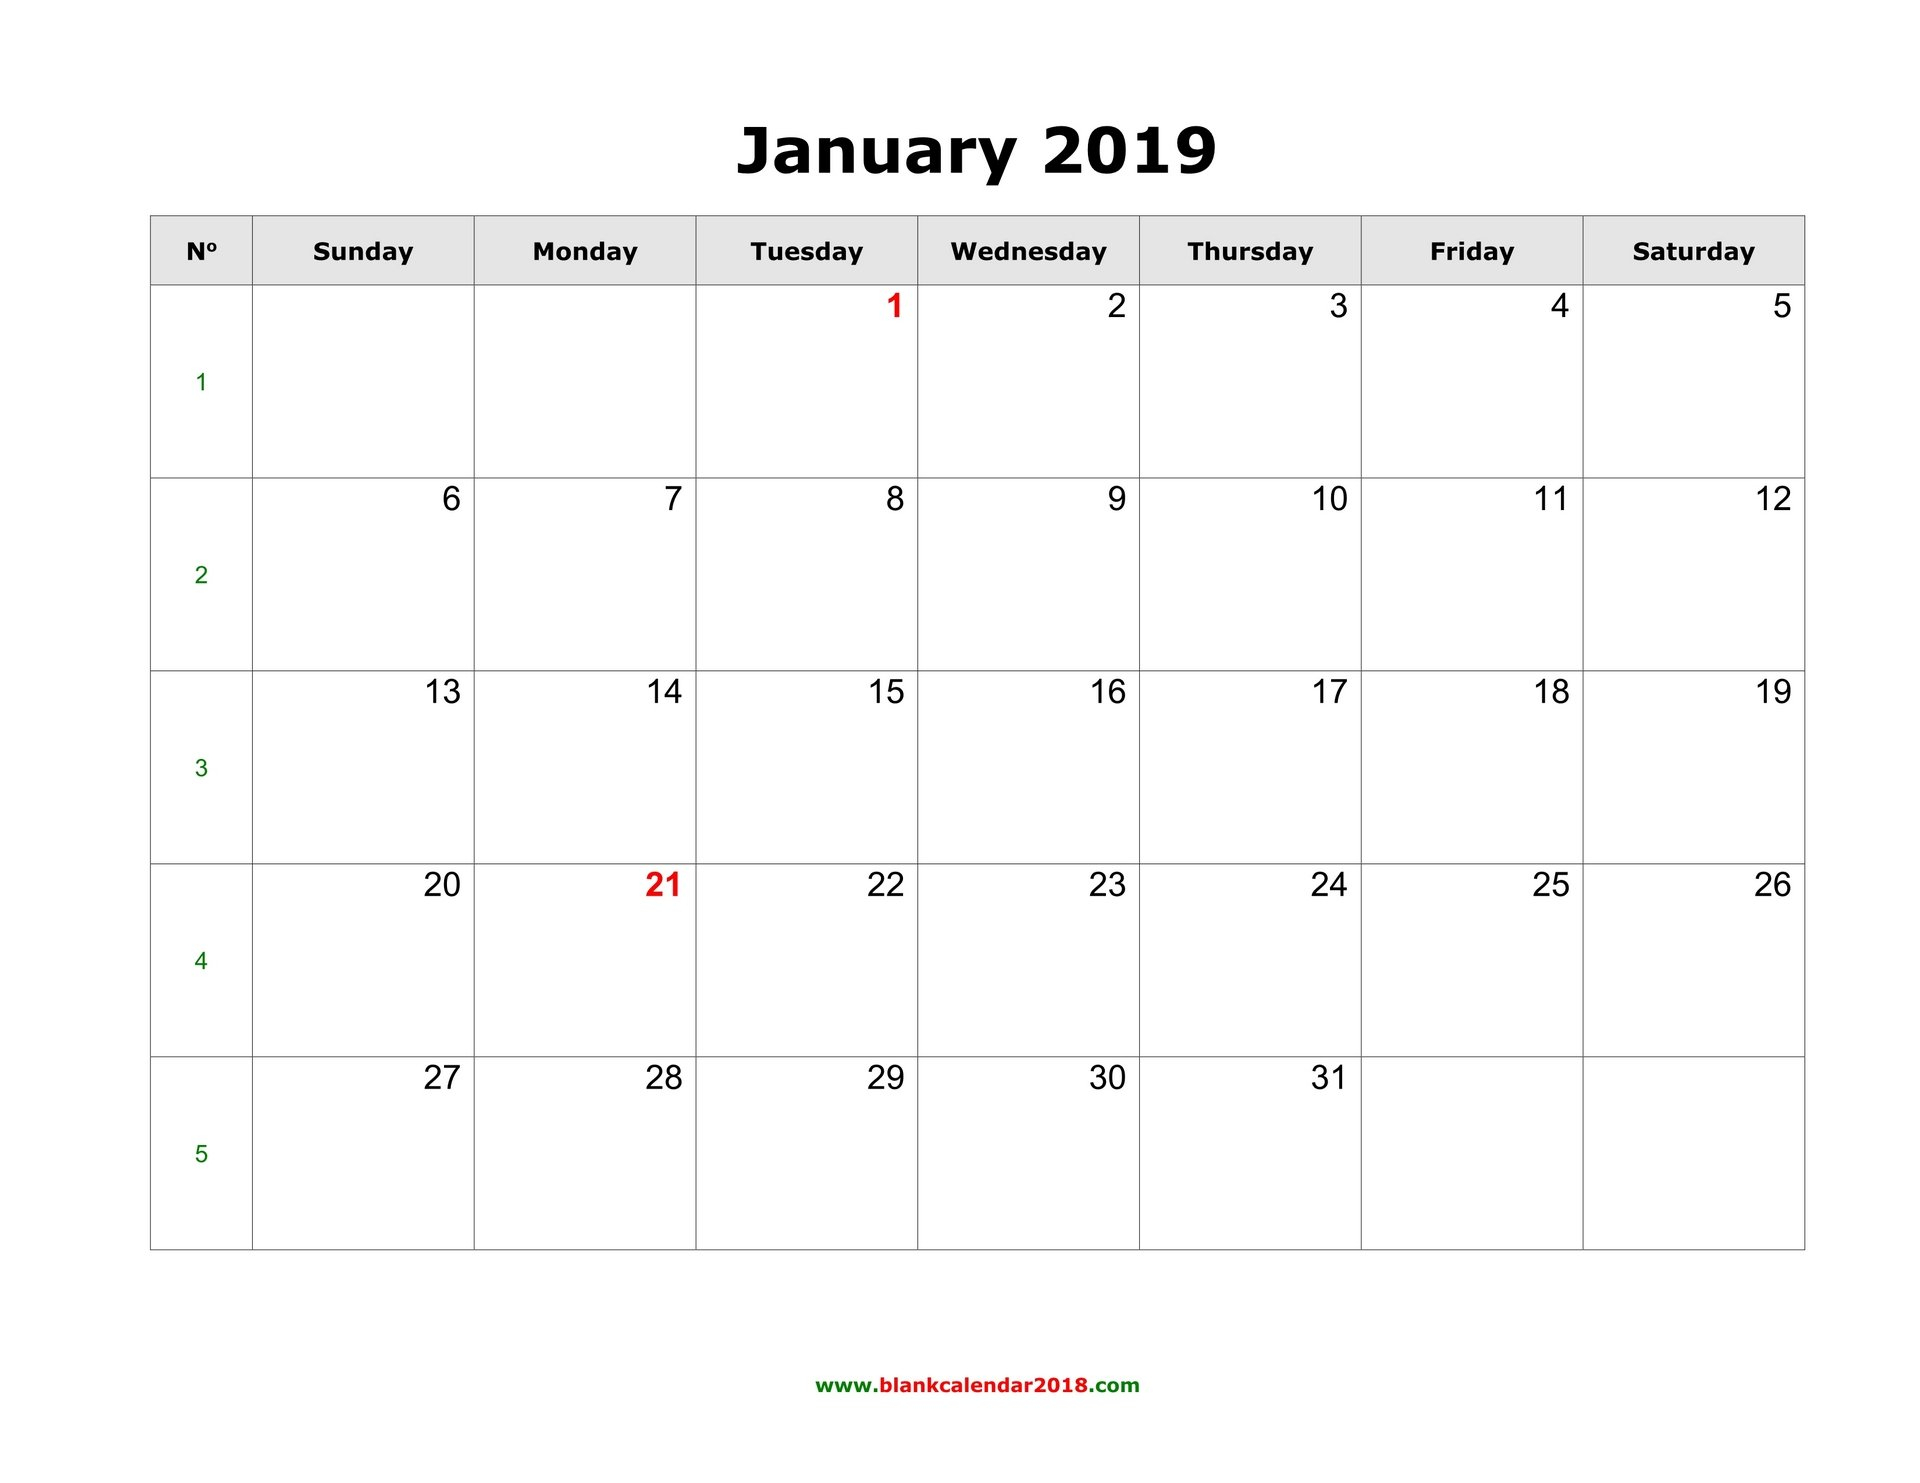 Blank Calendar For January 2019 Calendar 2019 Fill In